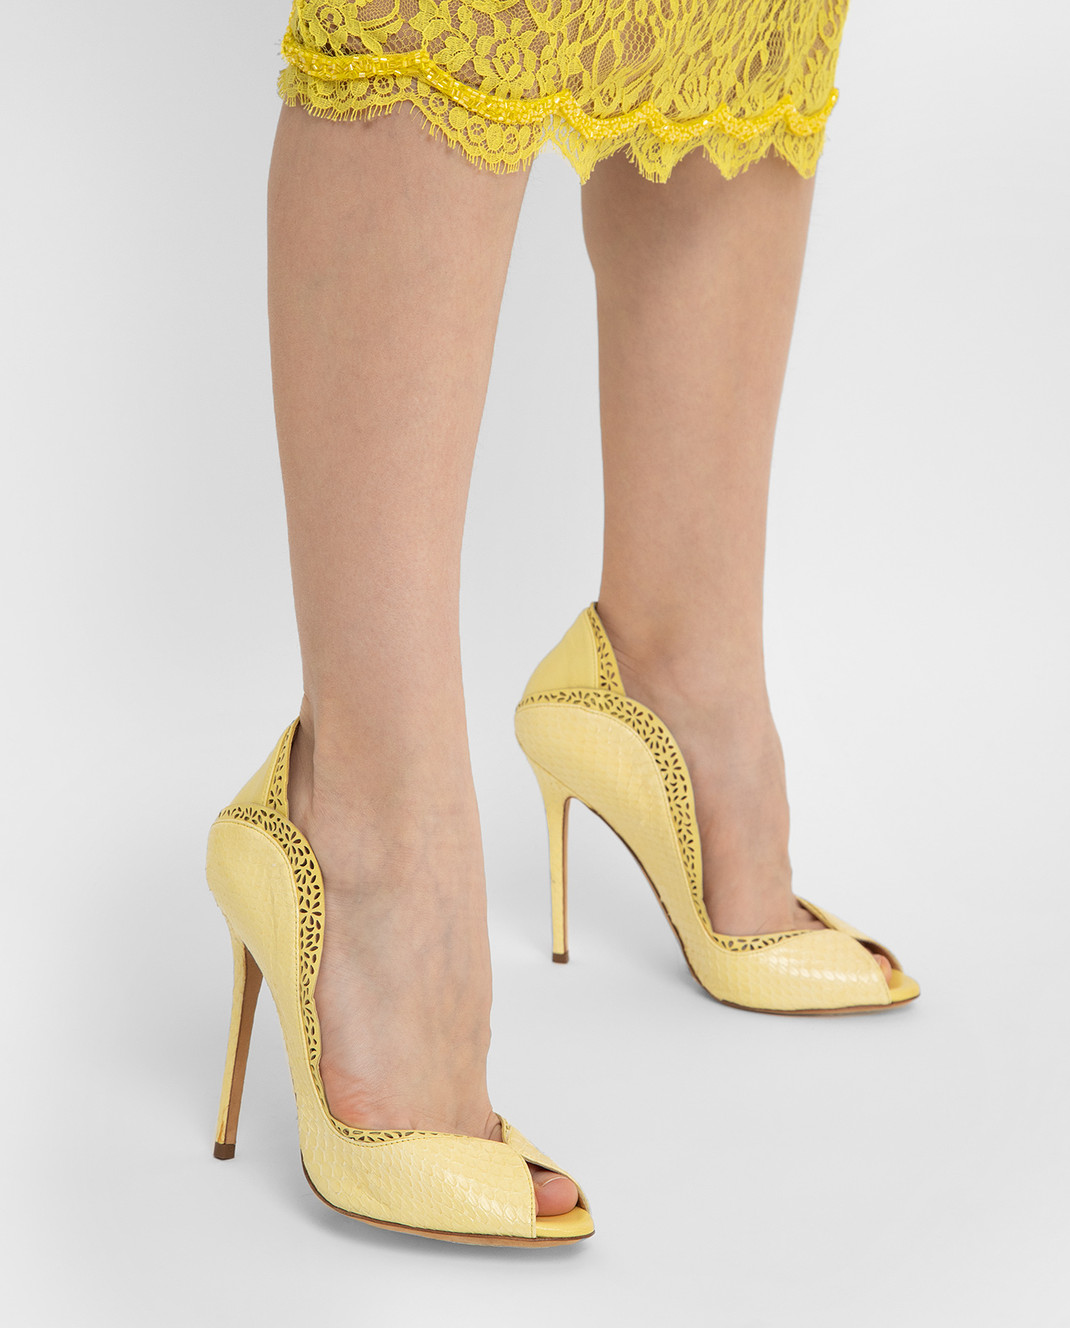 Cerasella Желтые туфли DANAEELAPHE4242 изображение 2